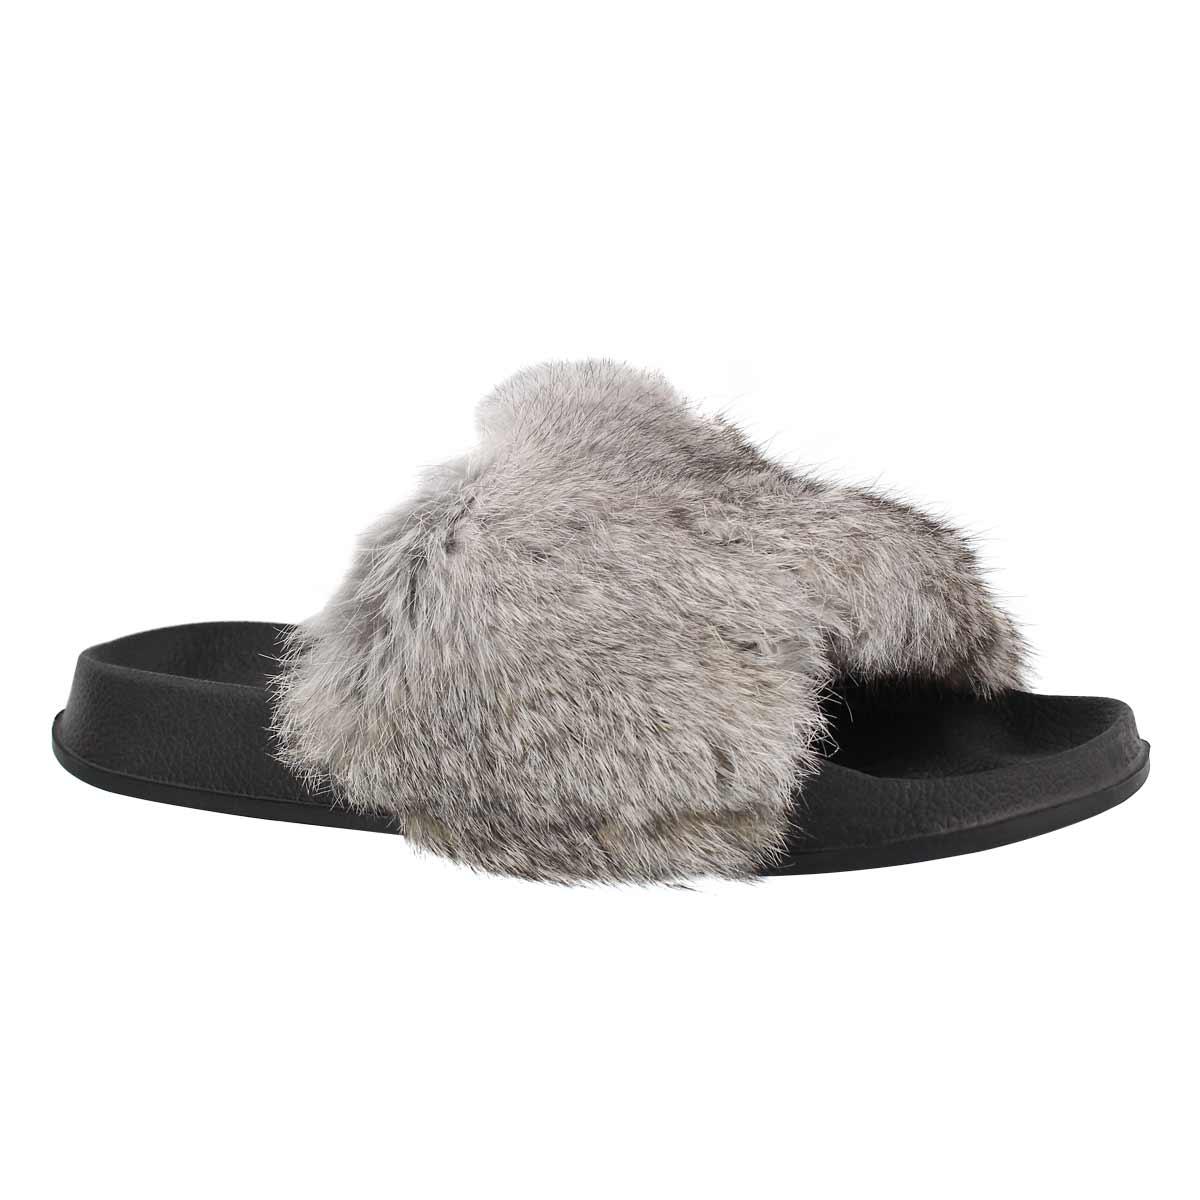 Lds Erica grey fur slide slipper